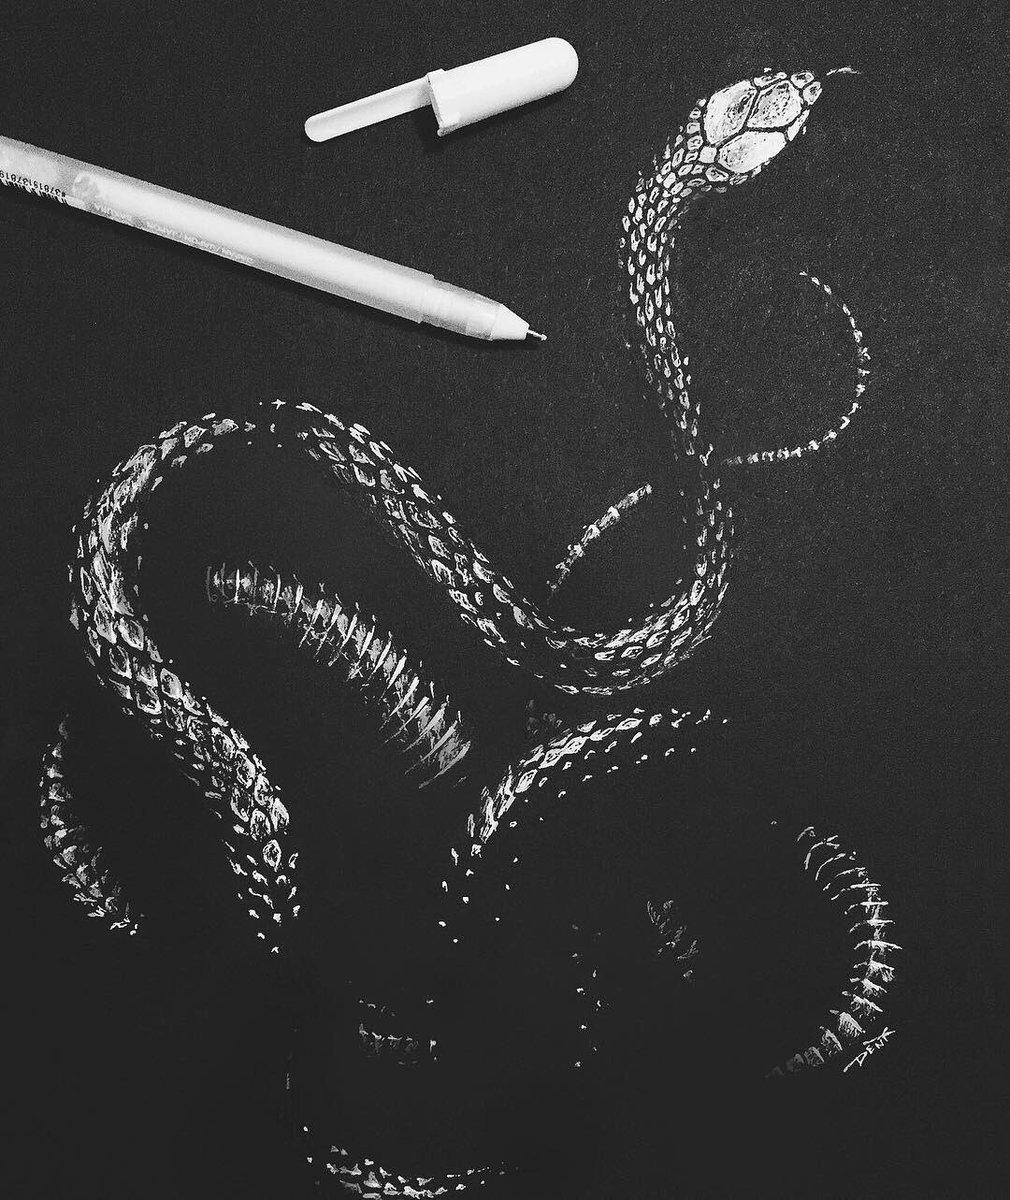 Black and white, white ink snake on black paper.